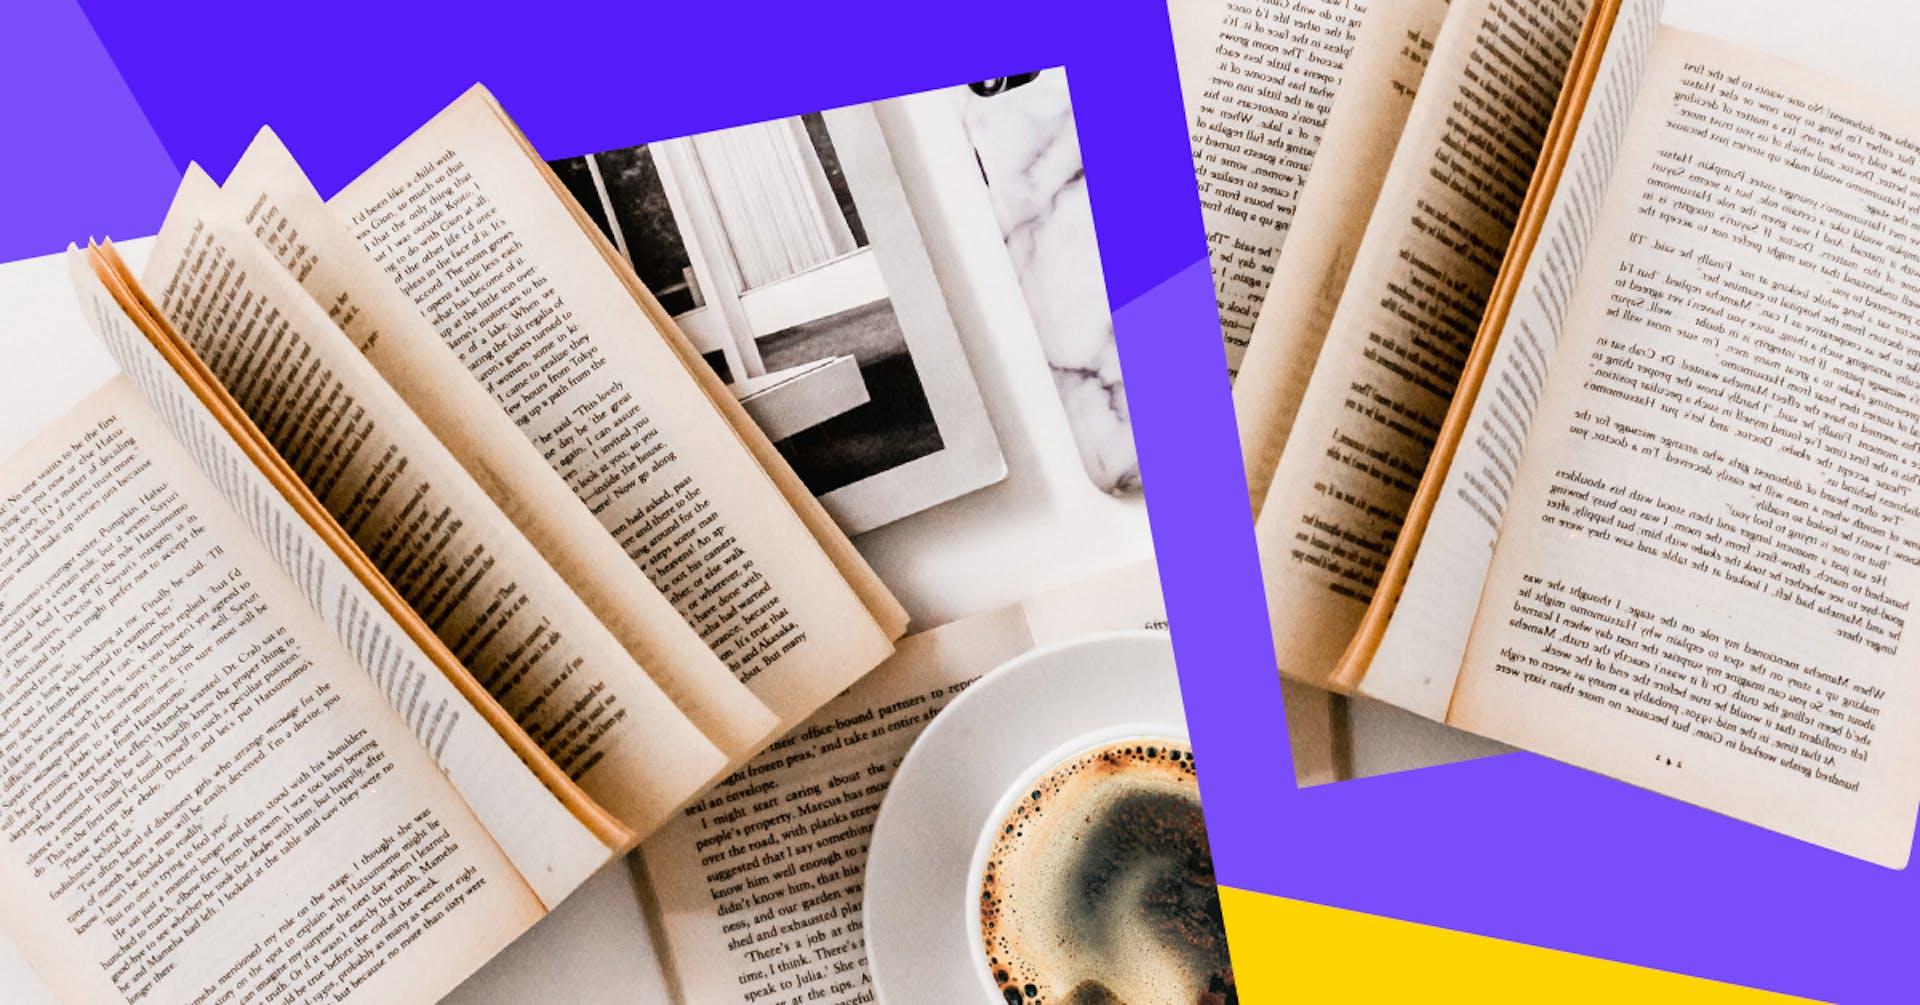 Libros gratis: 6 formas de retomar el hábito de la lectura